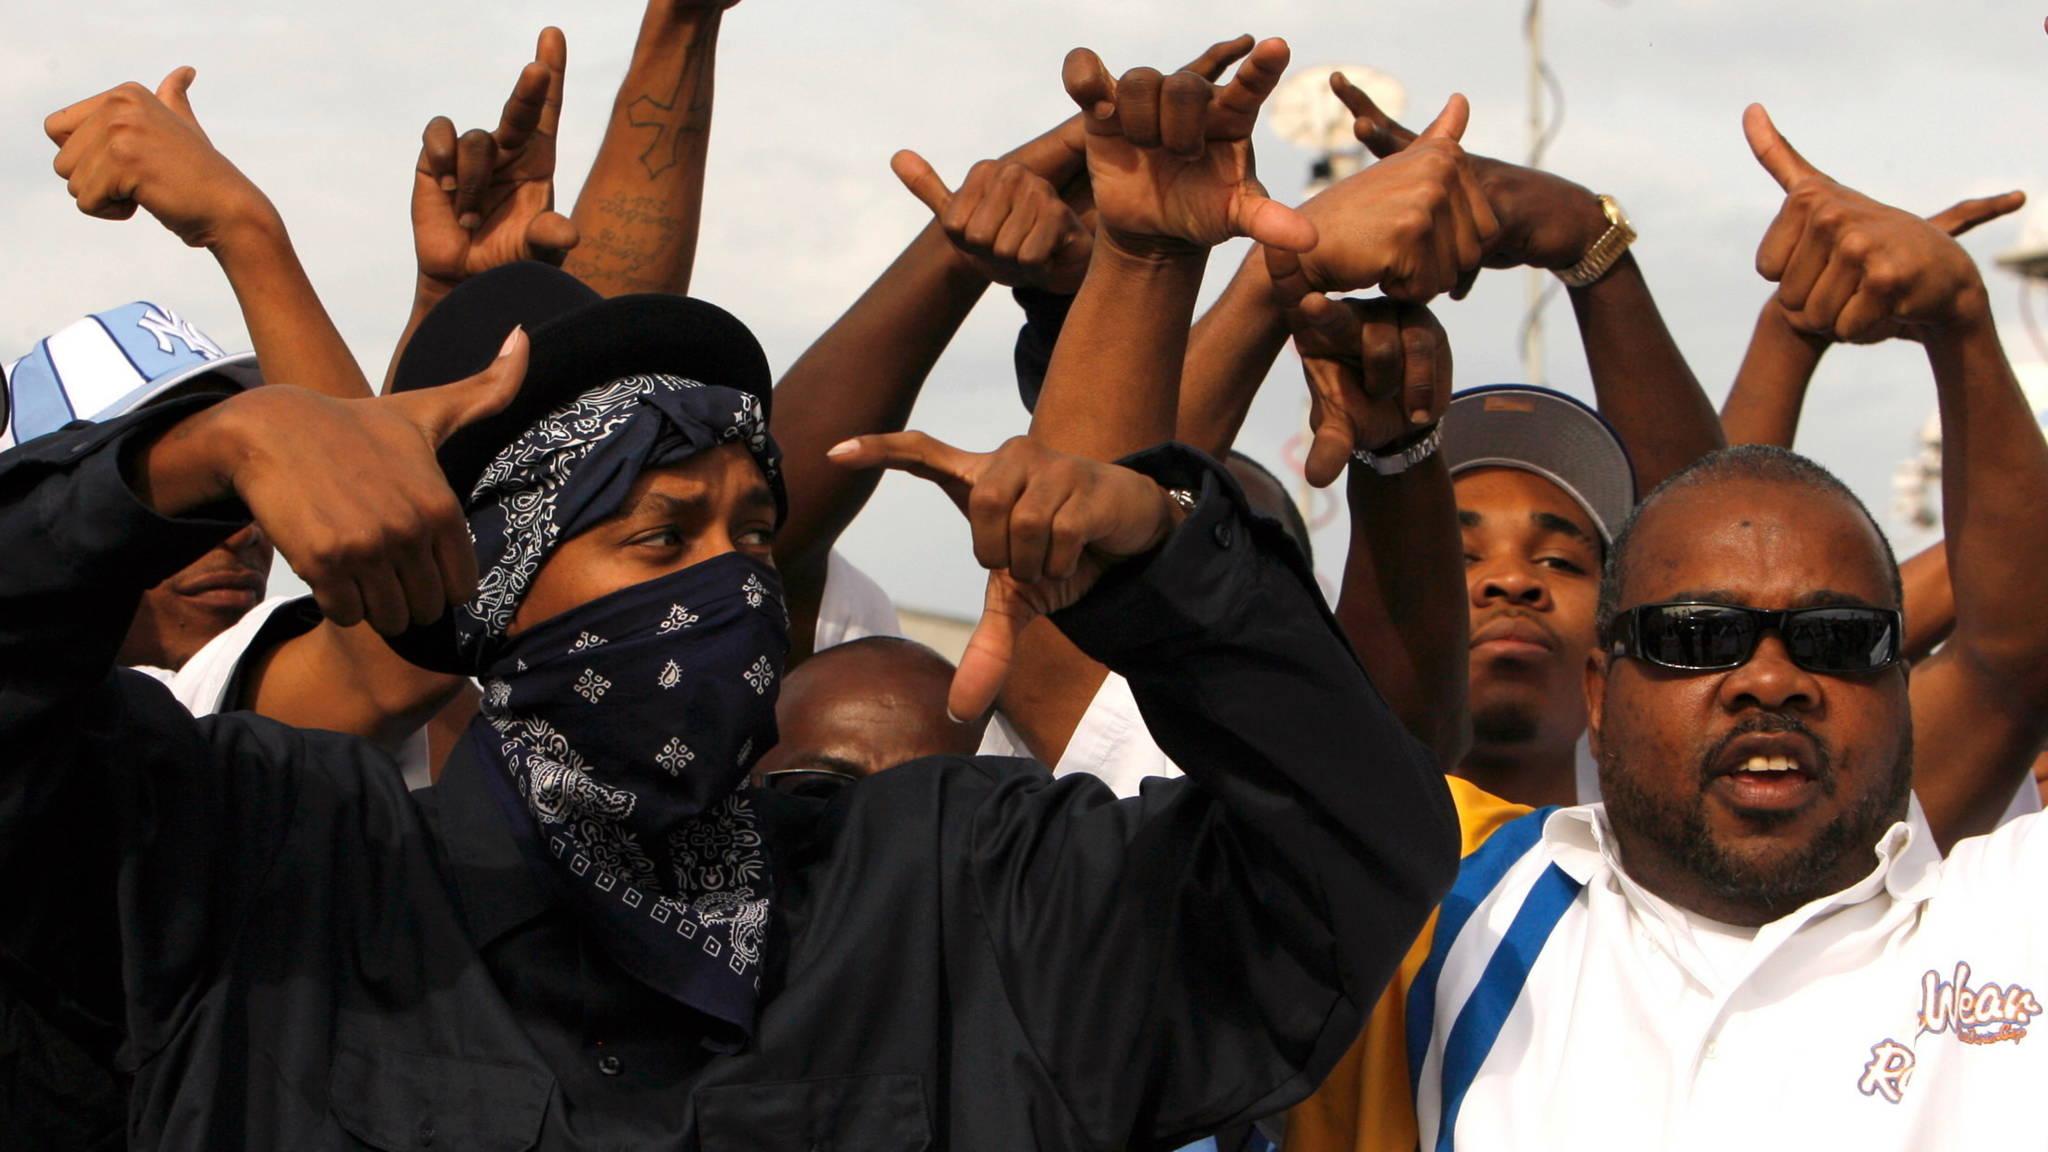 Haagse gangster is 'rustâââhger' dan Amerikaanse | NOS